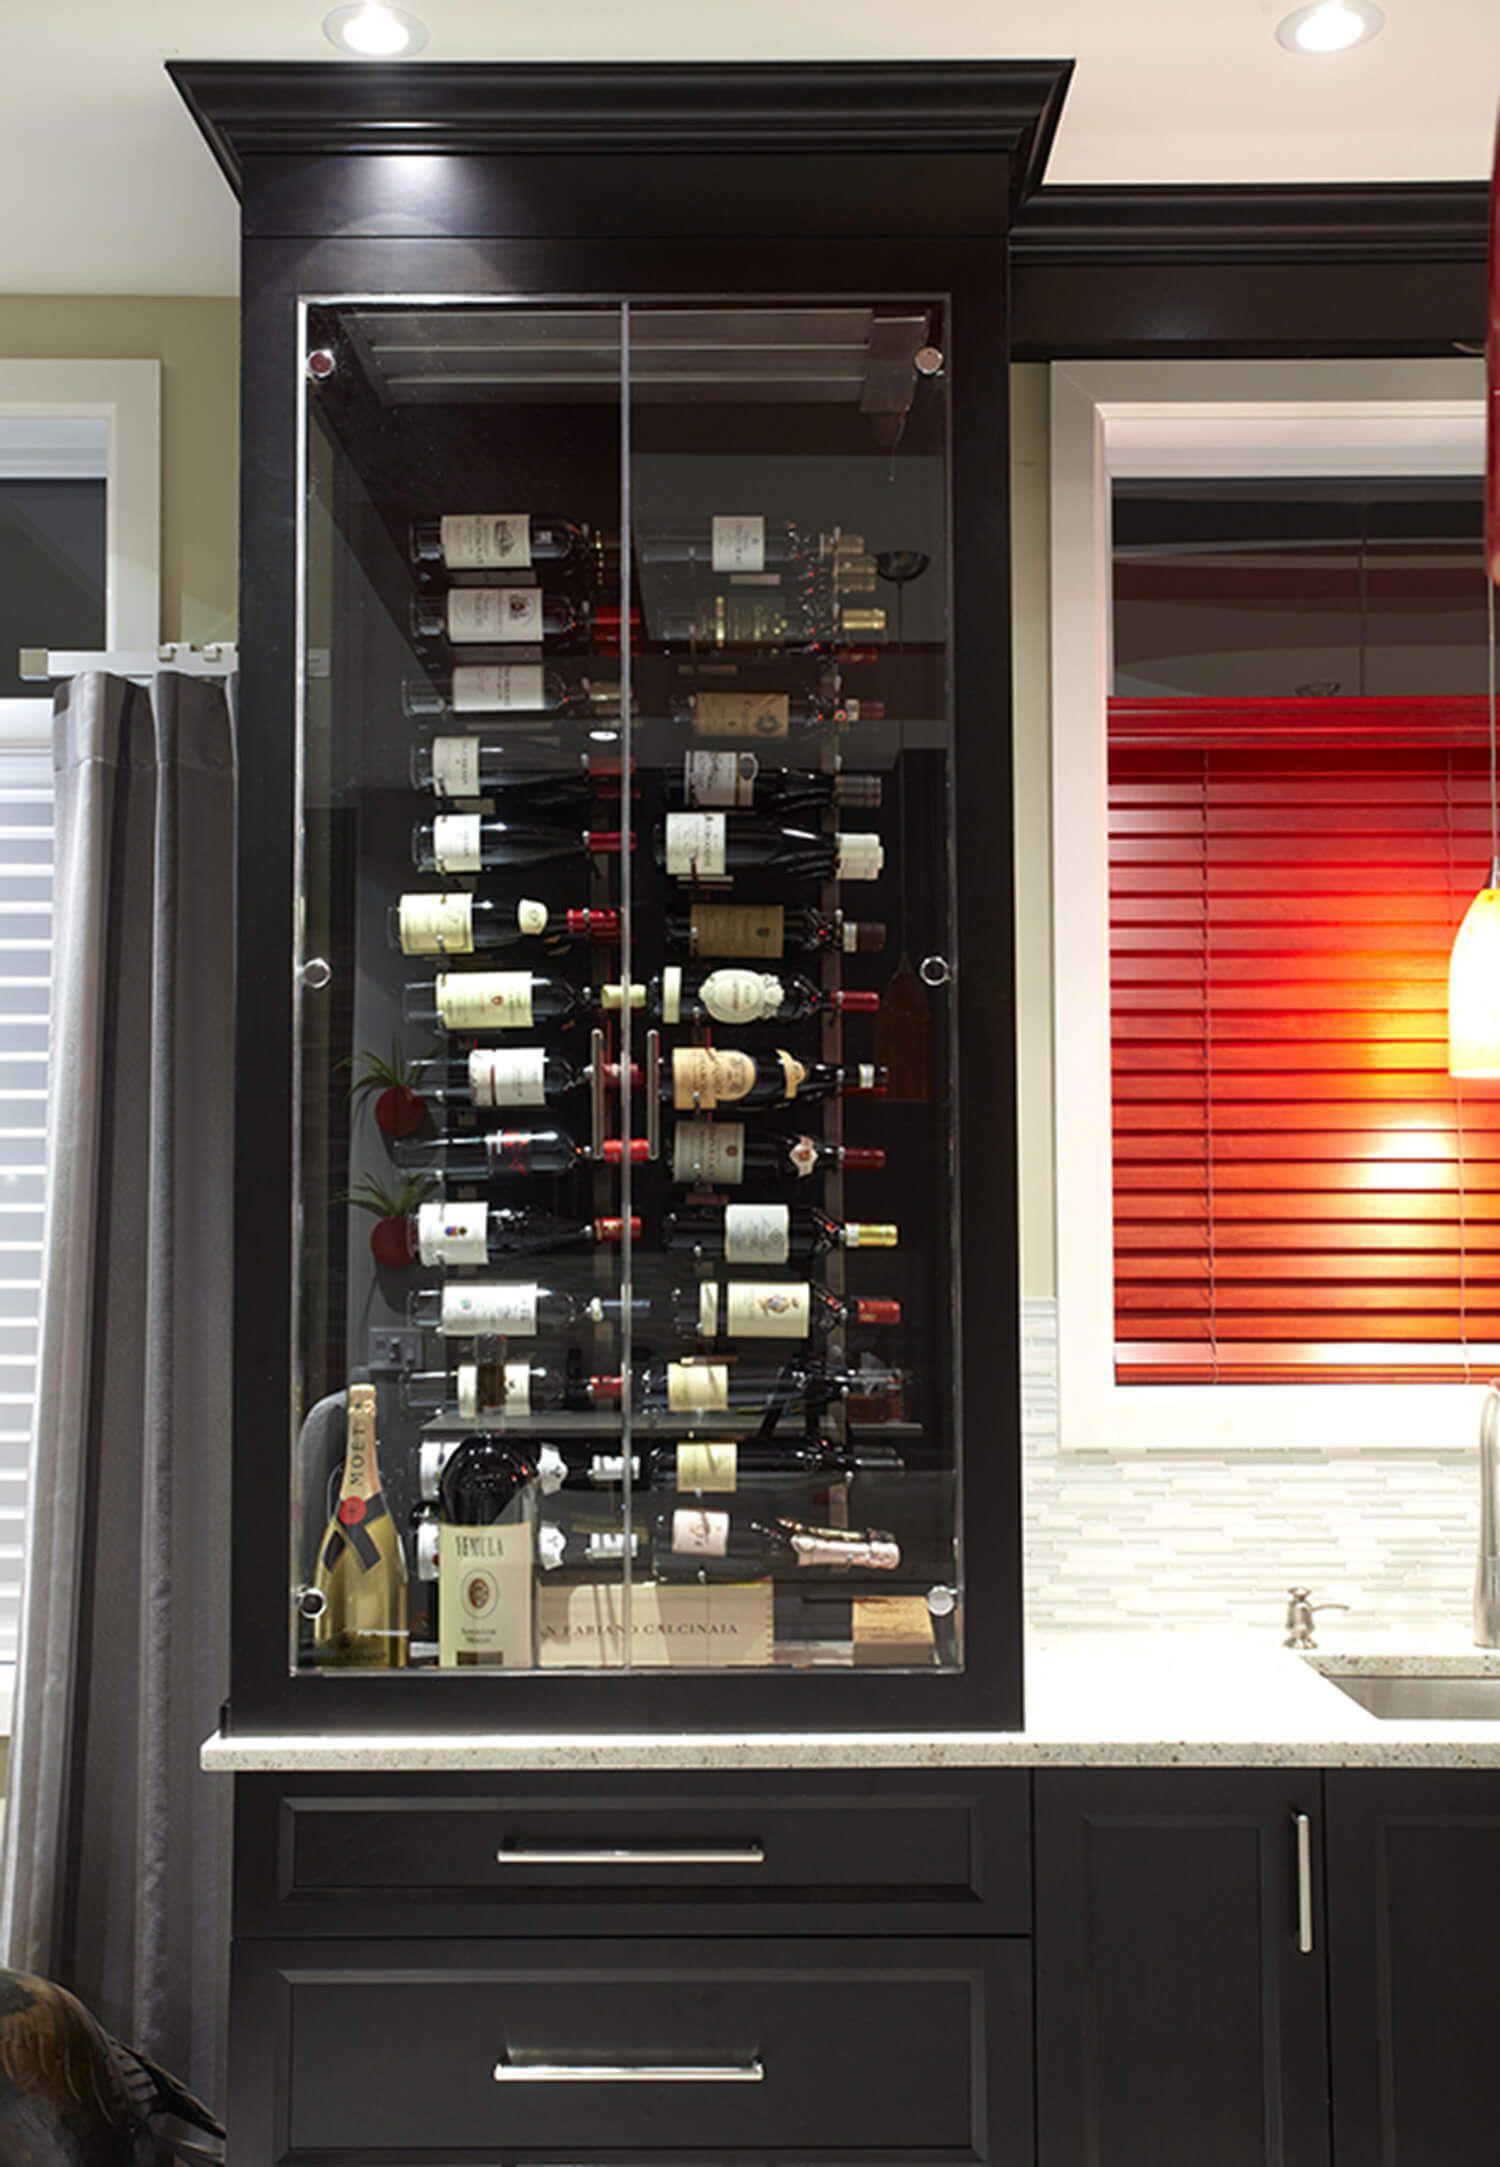 cette cave vin offre une int gration parfaite dans l espace 70 bouteilles silence absolu. Black Bedroom Furniture Sets. Home Design Ideas